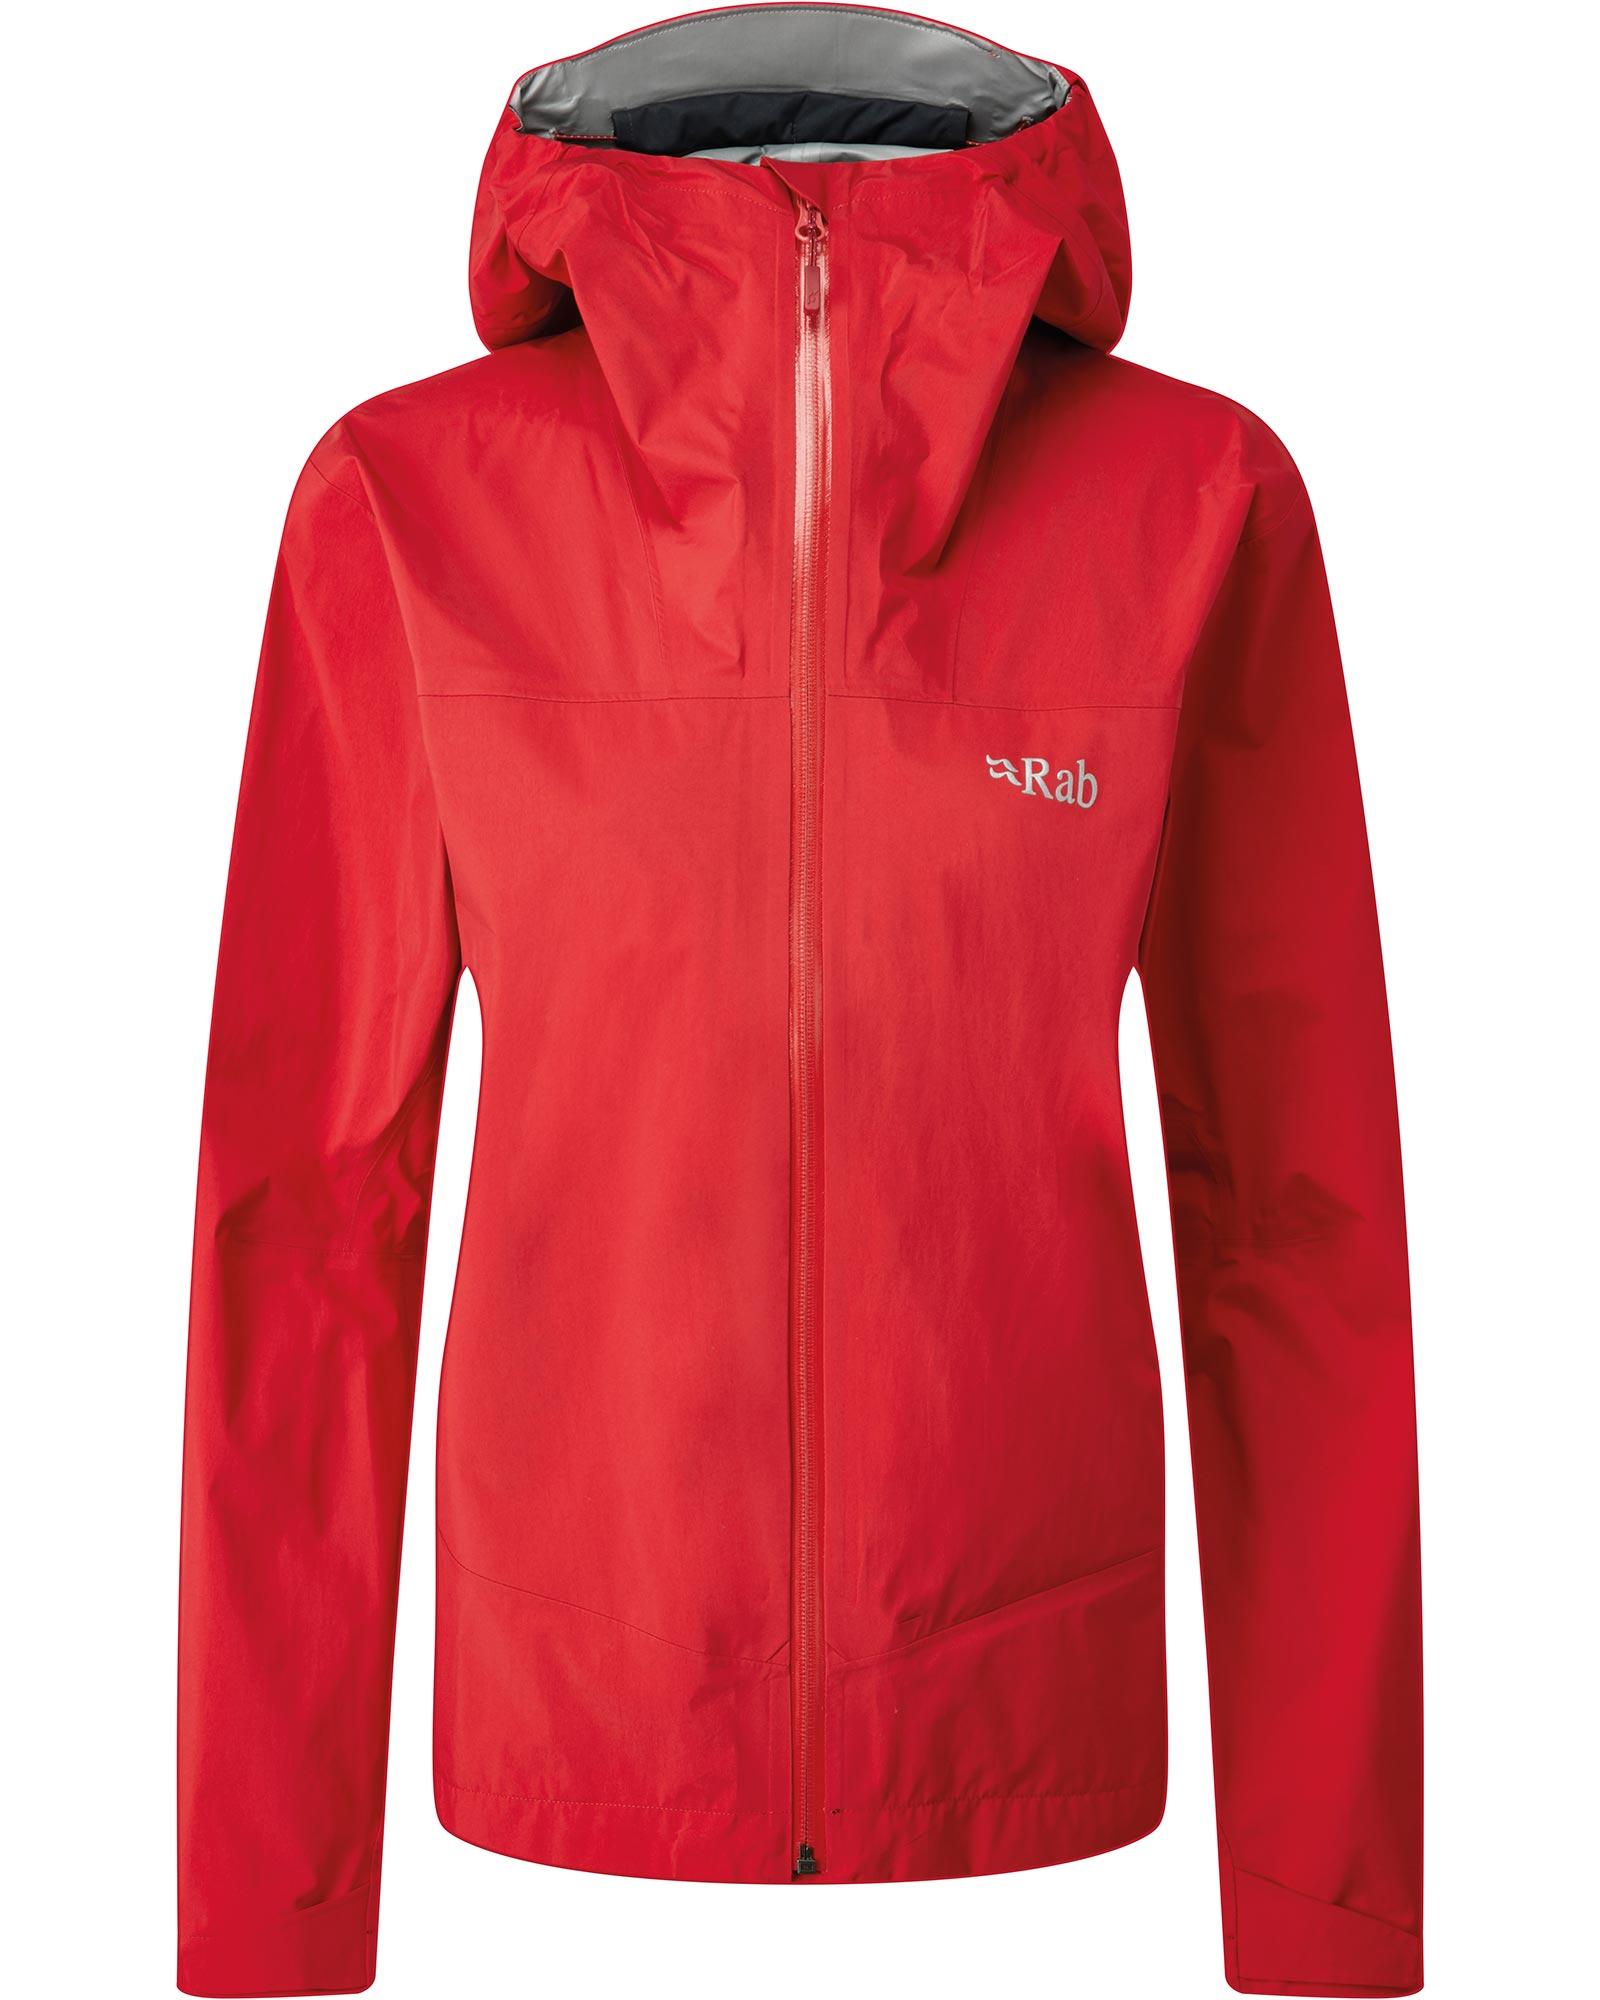 Rab Women's Meridian GORE-TEX PACLITE Plus Jacket Ruby 0